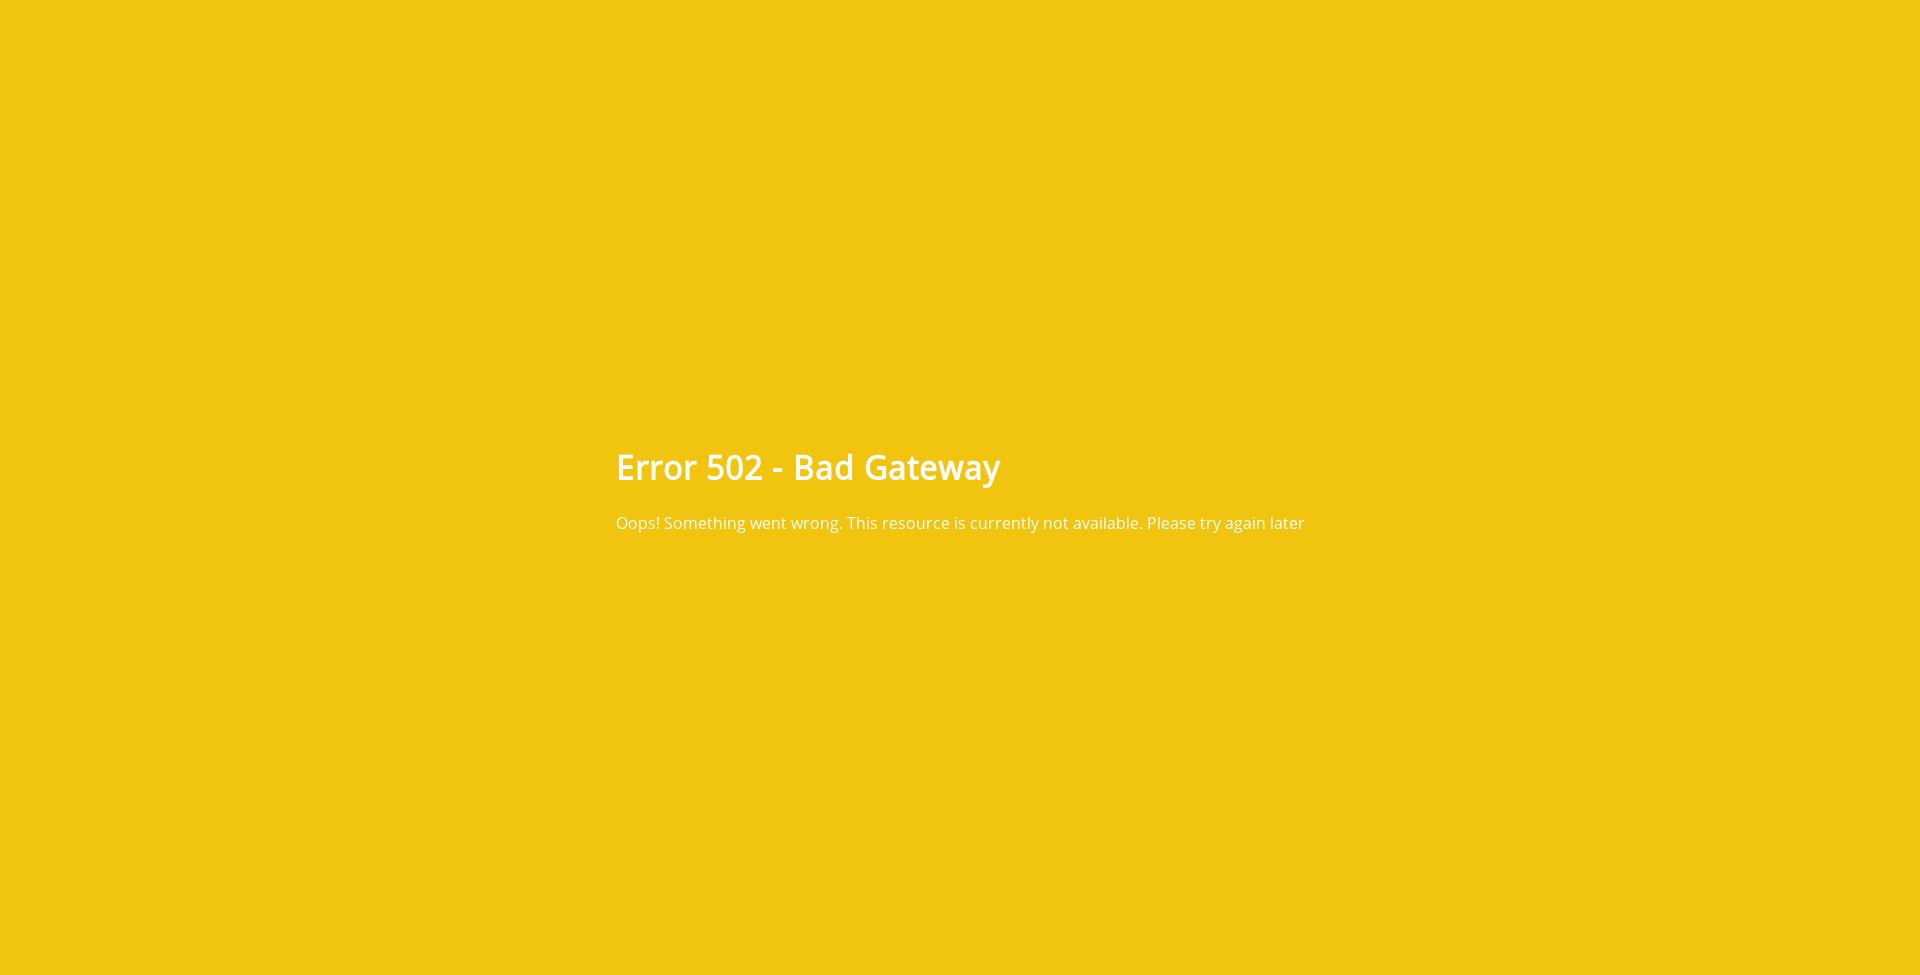 502 error page